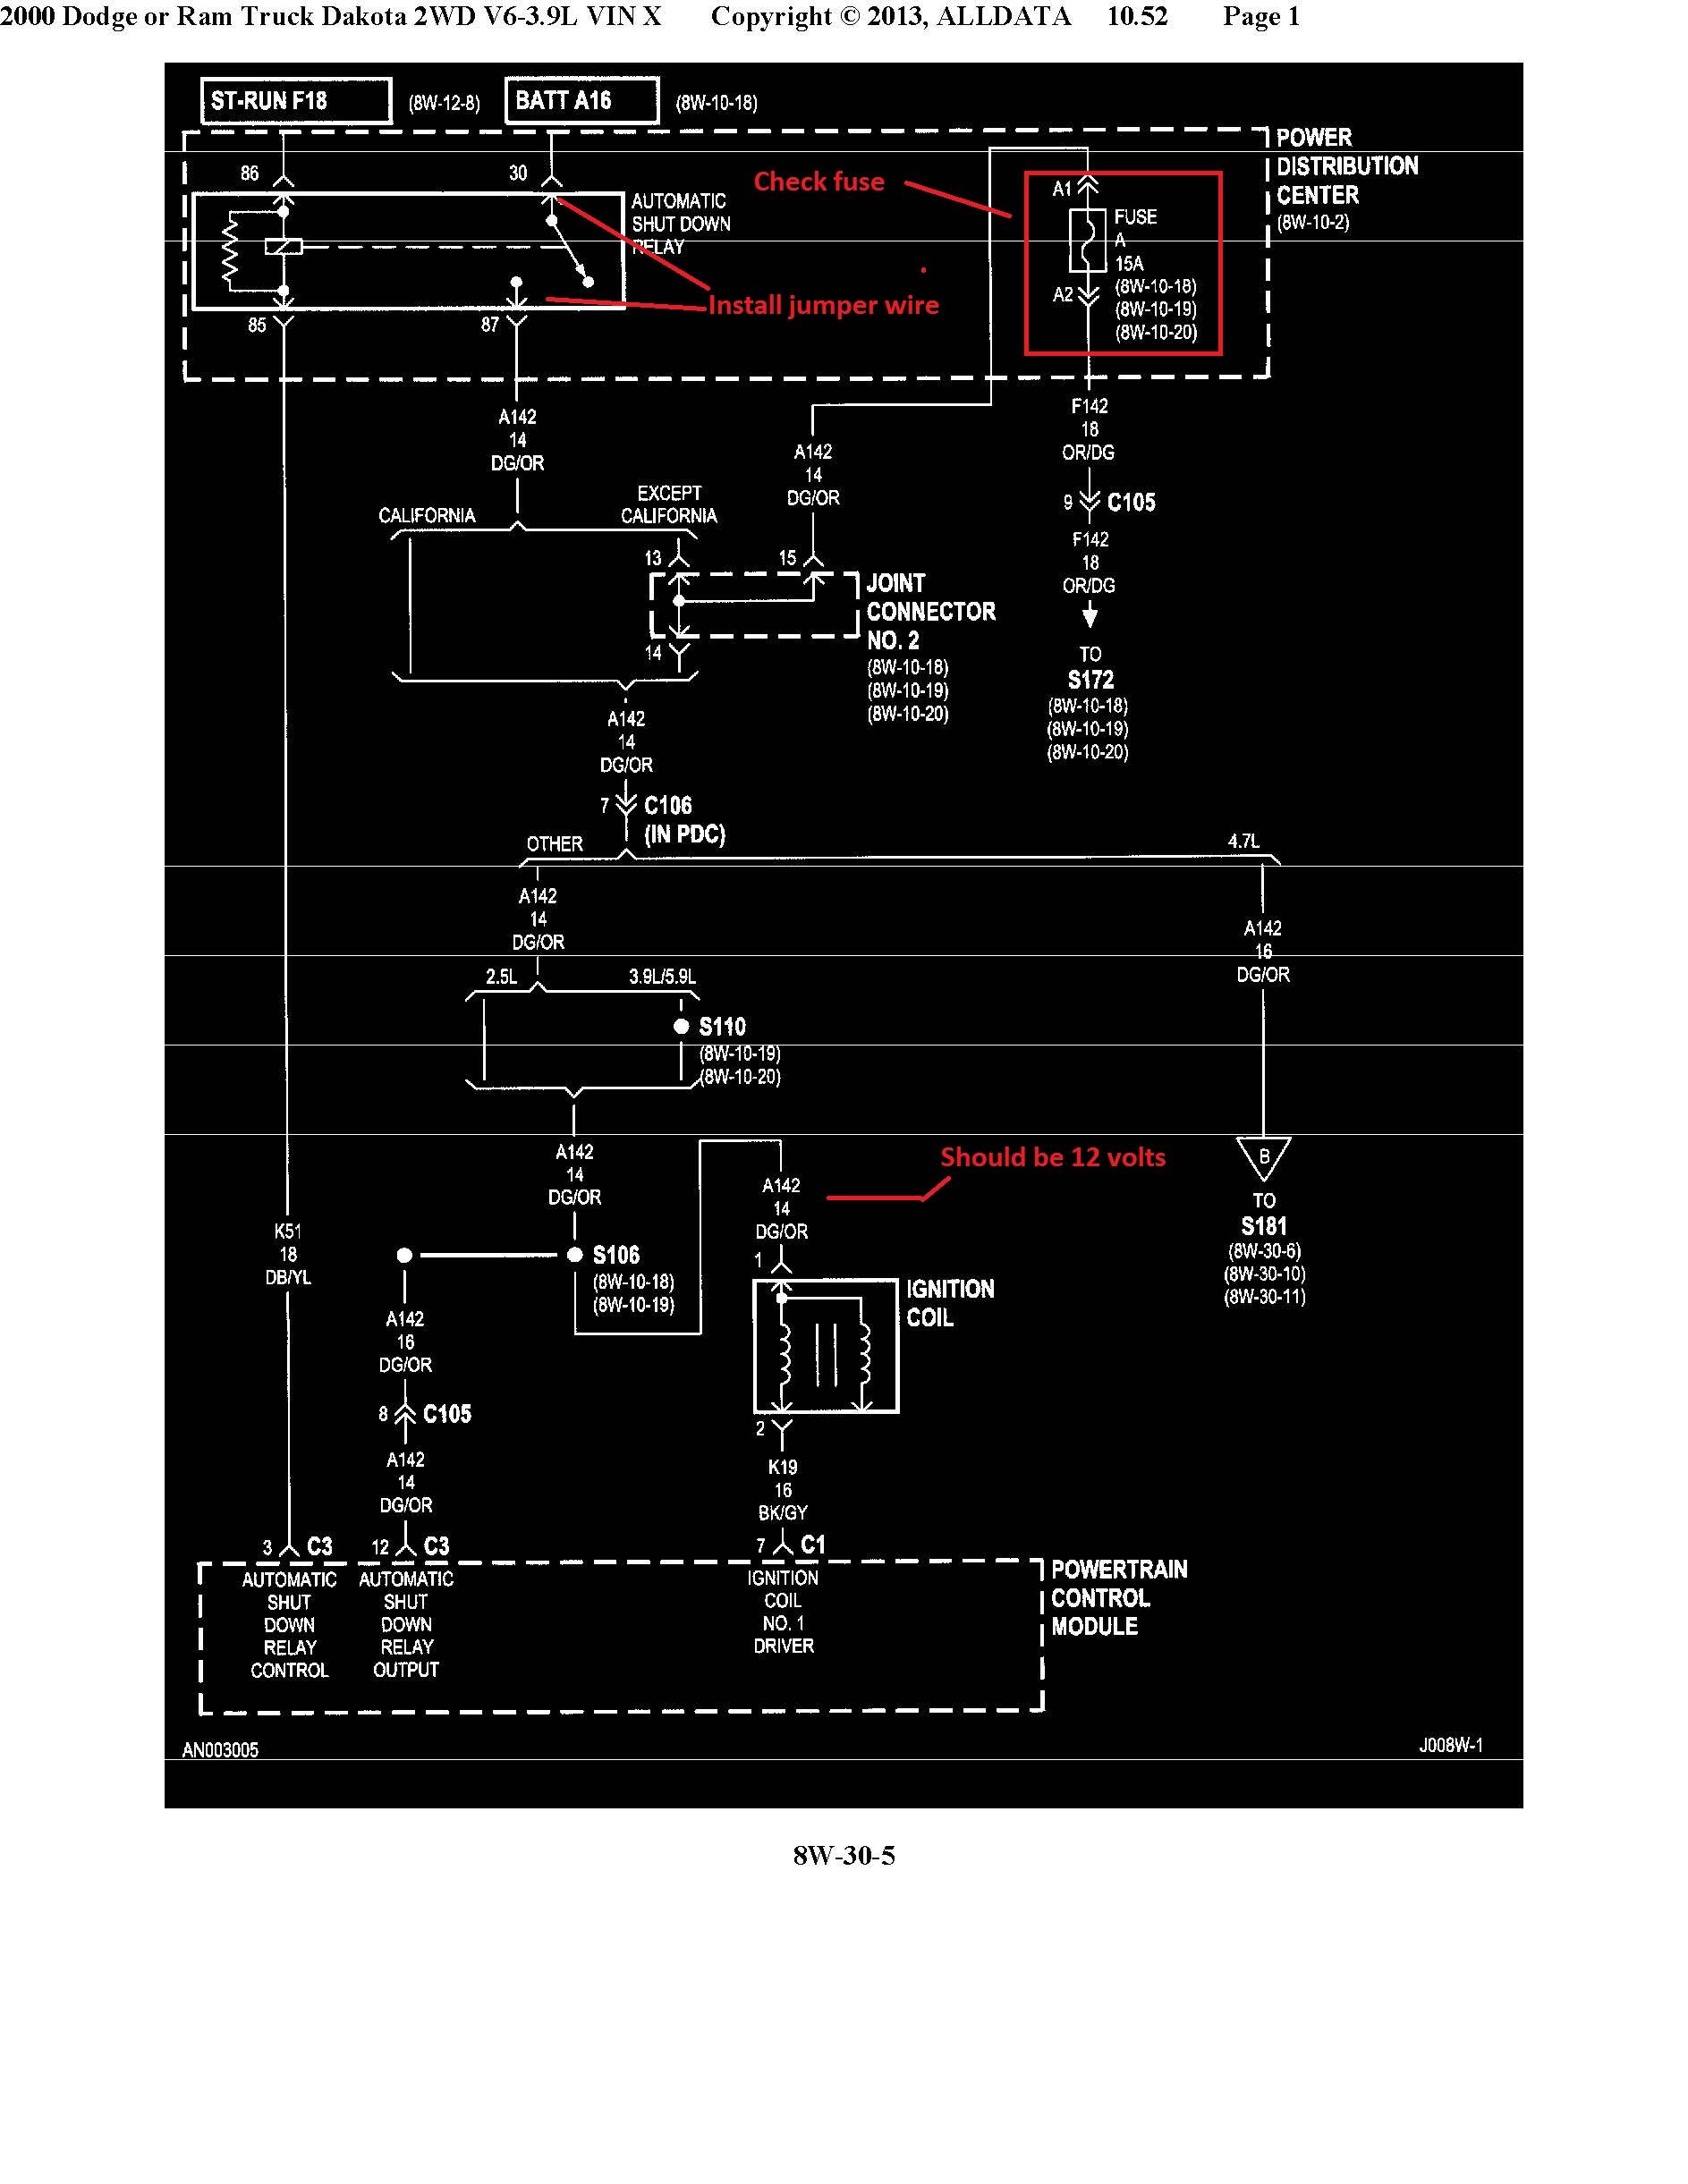 c6dbf641-6c27-4846-976d-01cf97add378_asd and coil.jpg